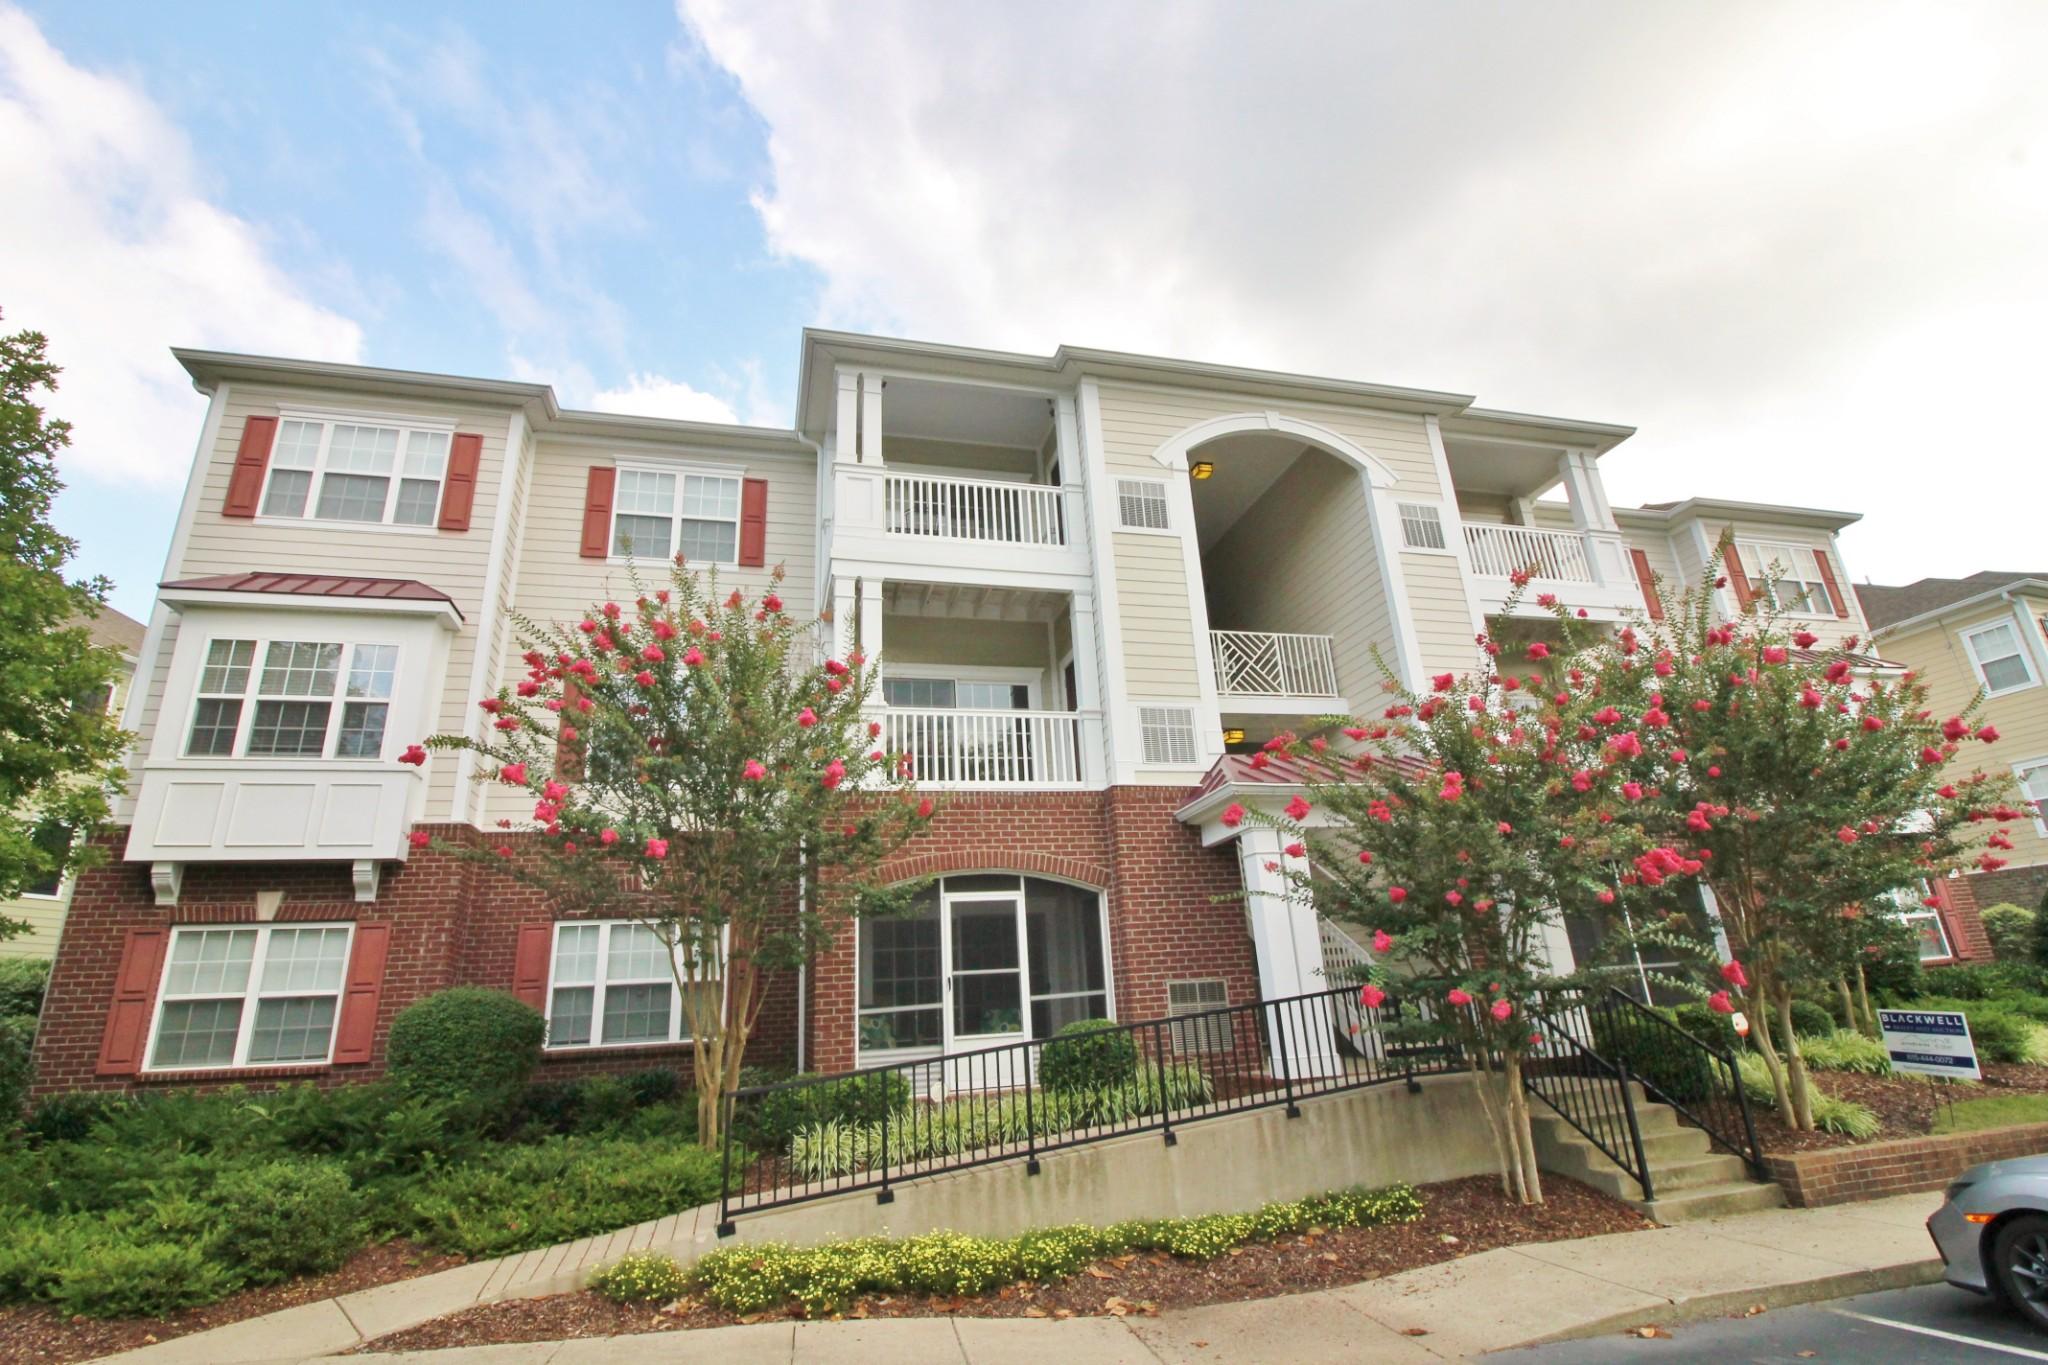 4846 Bevendean Dr #C10 Property Photo - Nashville, TN real estate listing